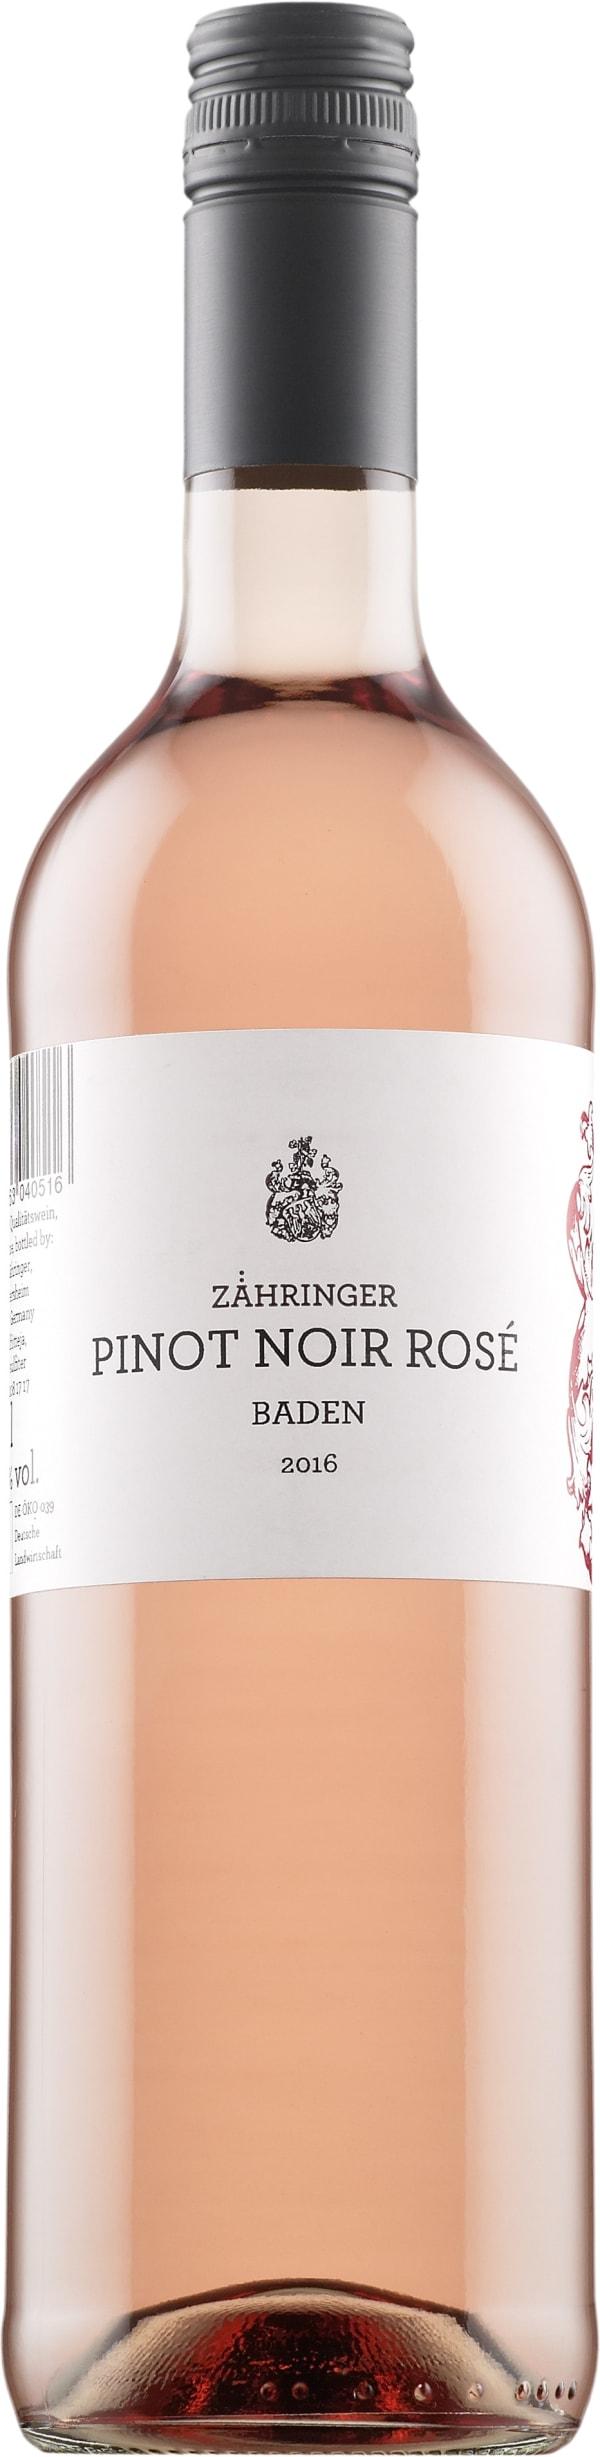 Zähringer Pinot Noir Rosé 2016